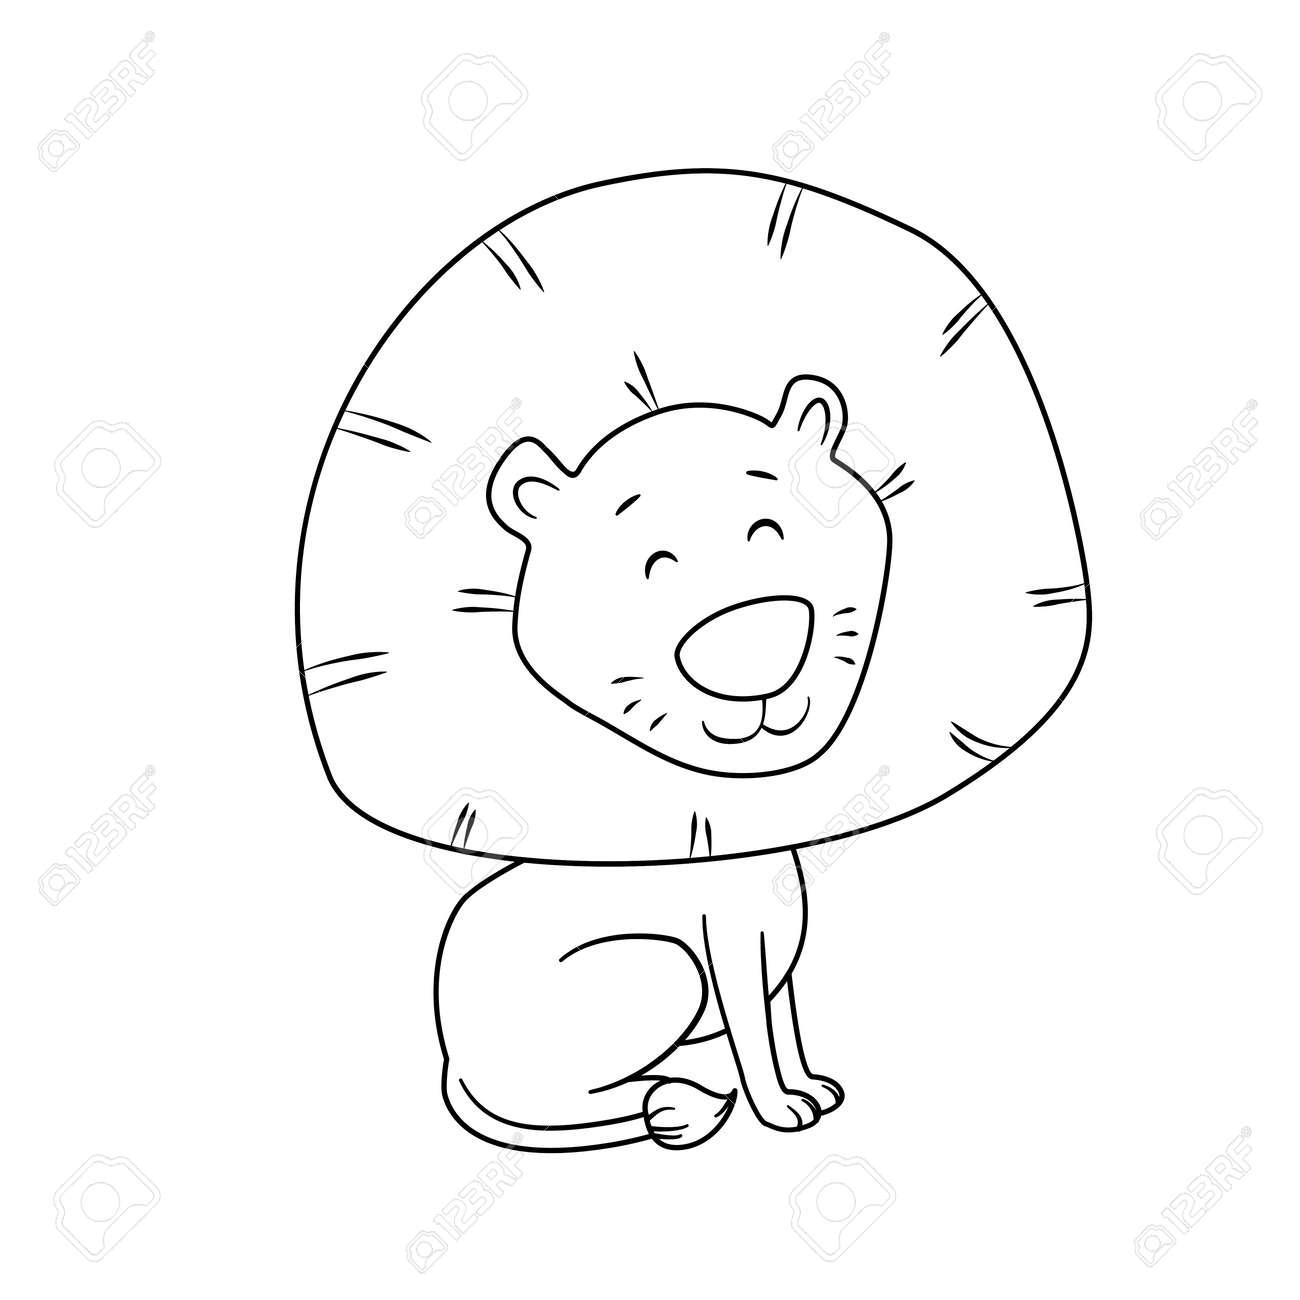 Para Colorear De Dibujos Animados León Lindo Para Los Niños ...